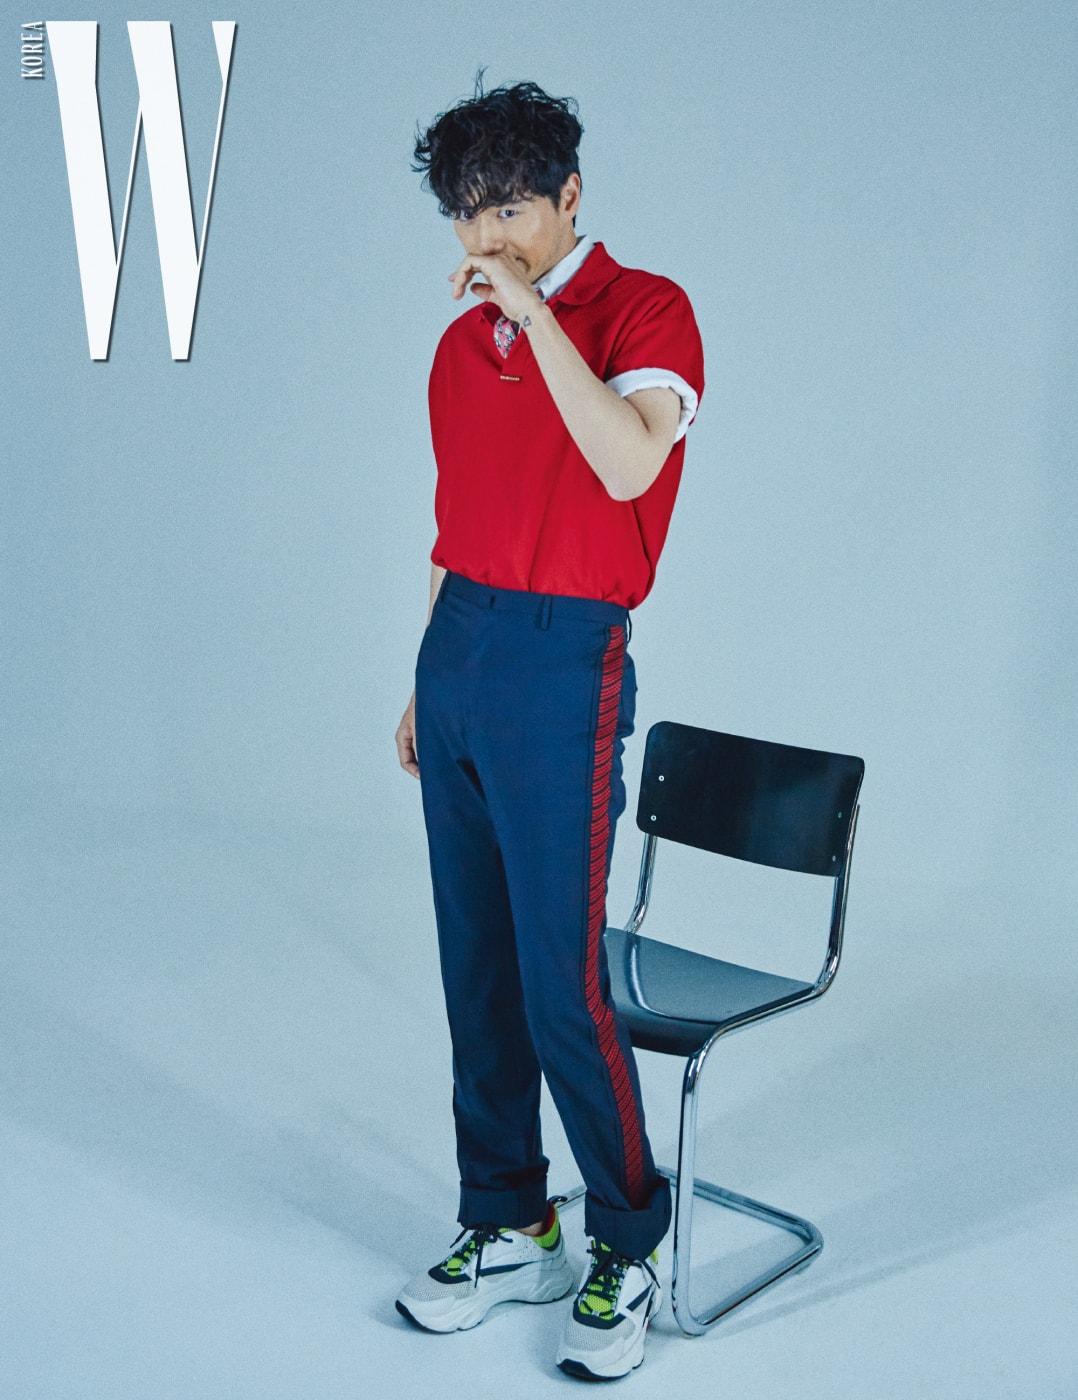 빨강 피케 셔츠와 안에 입은 셔츠, 핑크색 타이는 스타일리스트 소장품, 빨 강 라이닝이 들어간 팬츠는 Lanvin by Boontheshop, 스니커즈는 Dior 제품 .